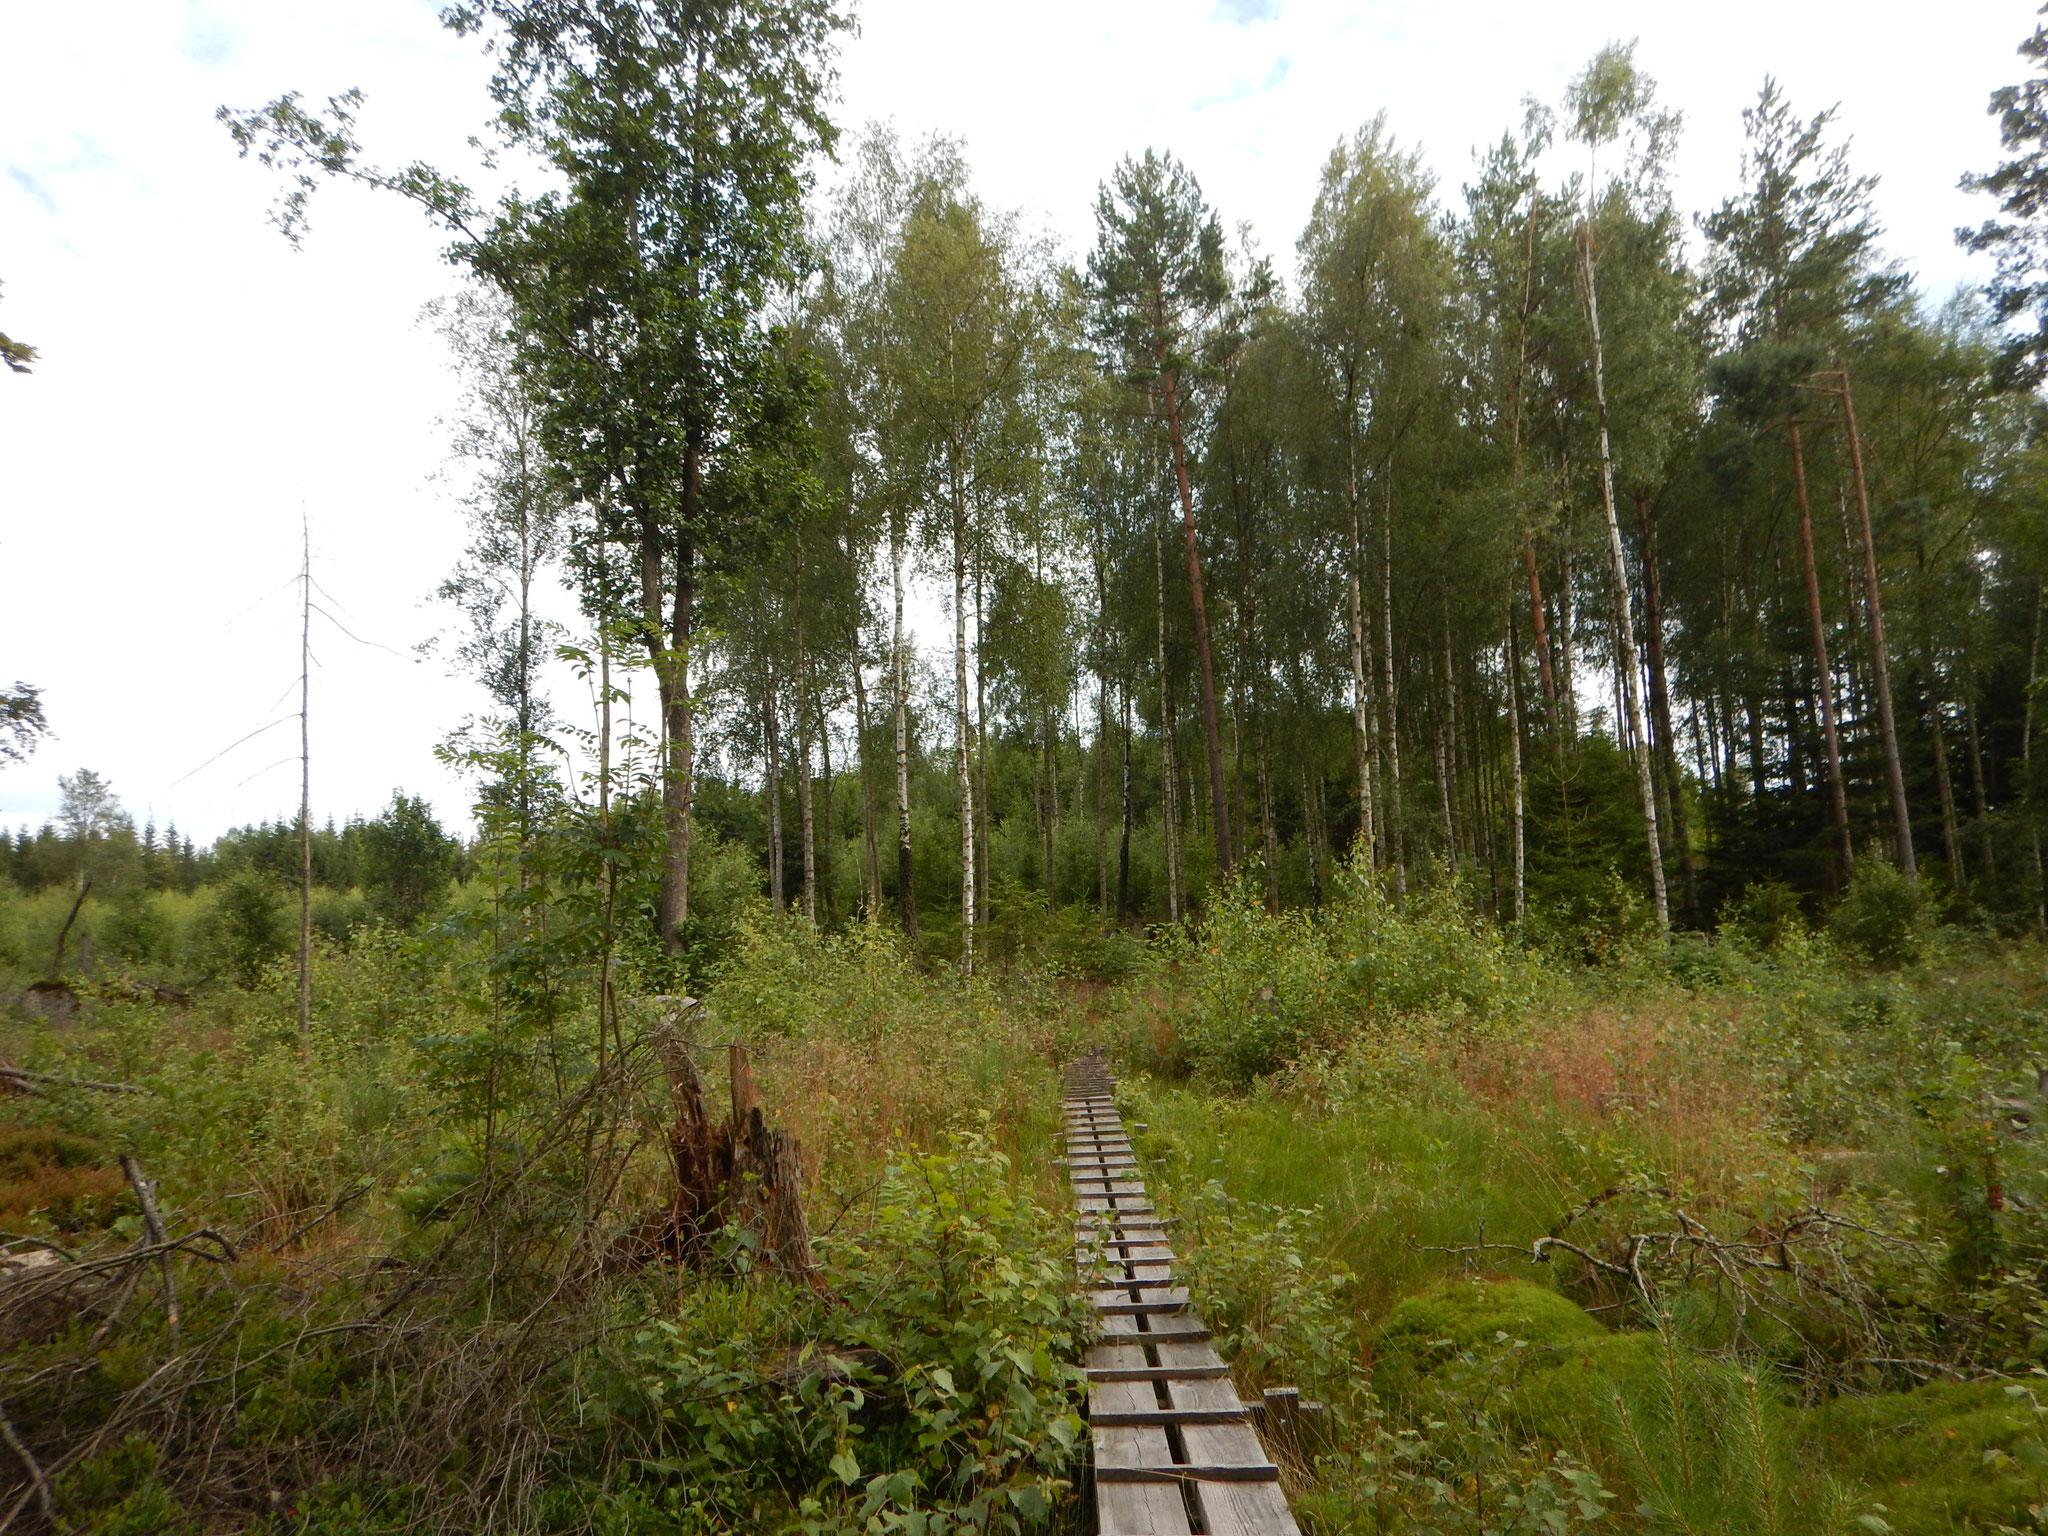 Schöne Landschaft+tolle Wege= Wanderglück